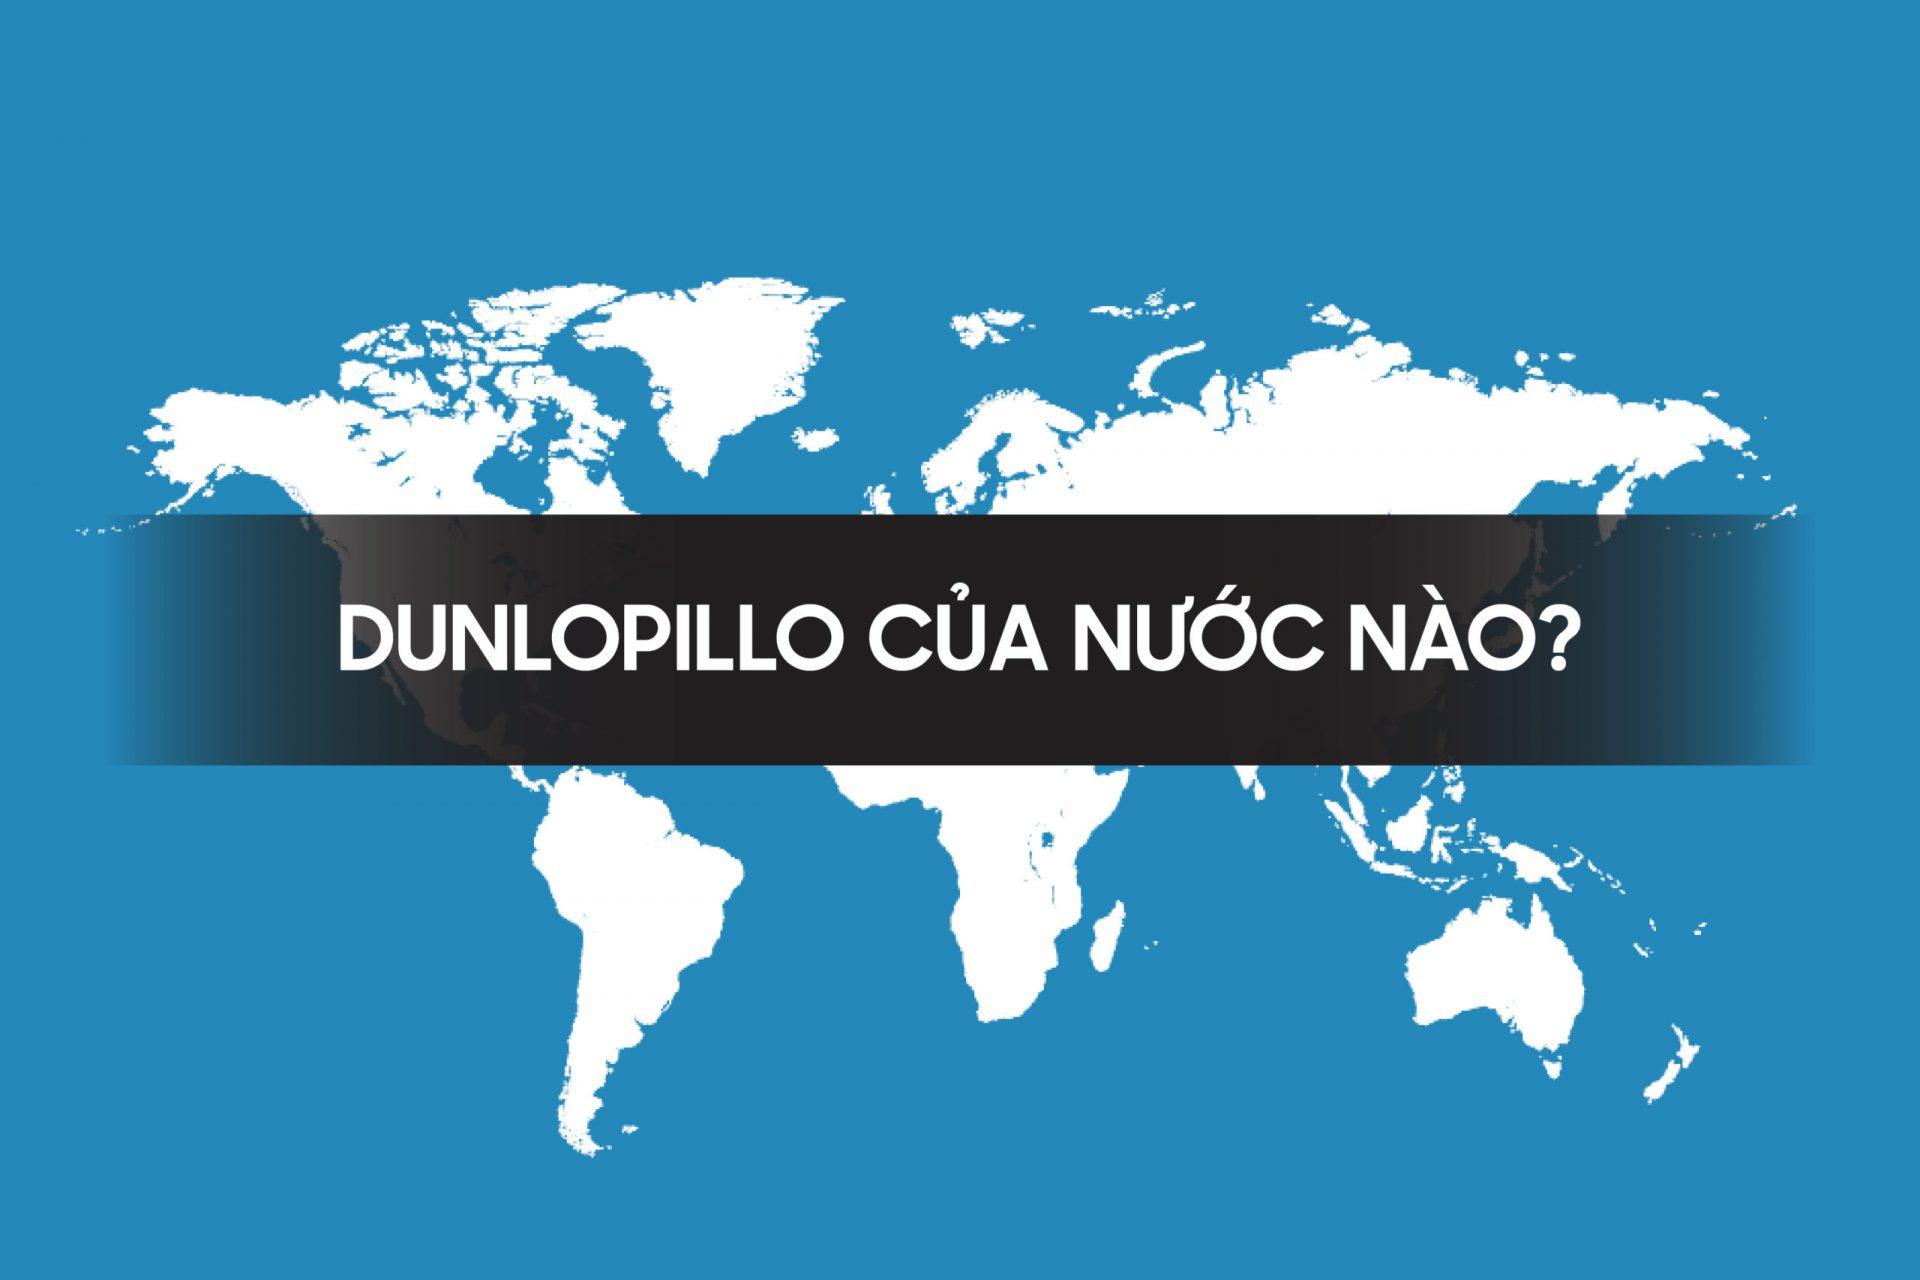 Thương hiệu nệm Dunlopillo của nước nào?